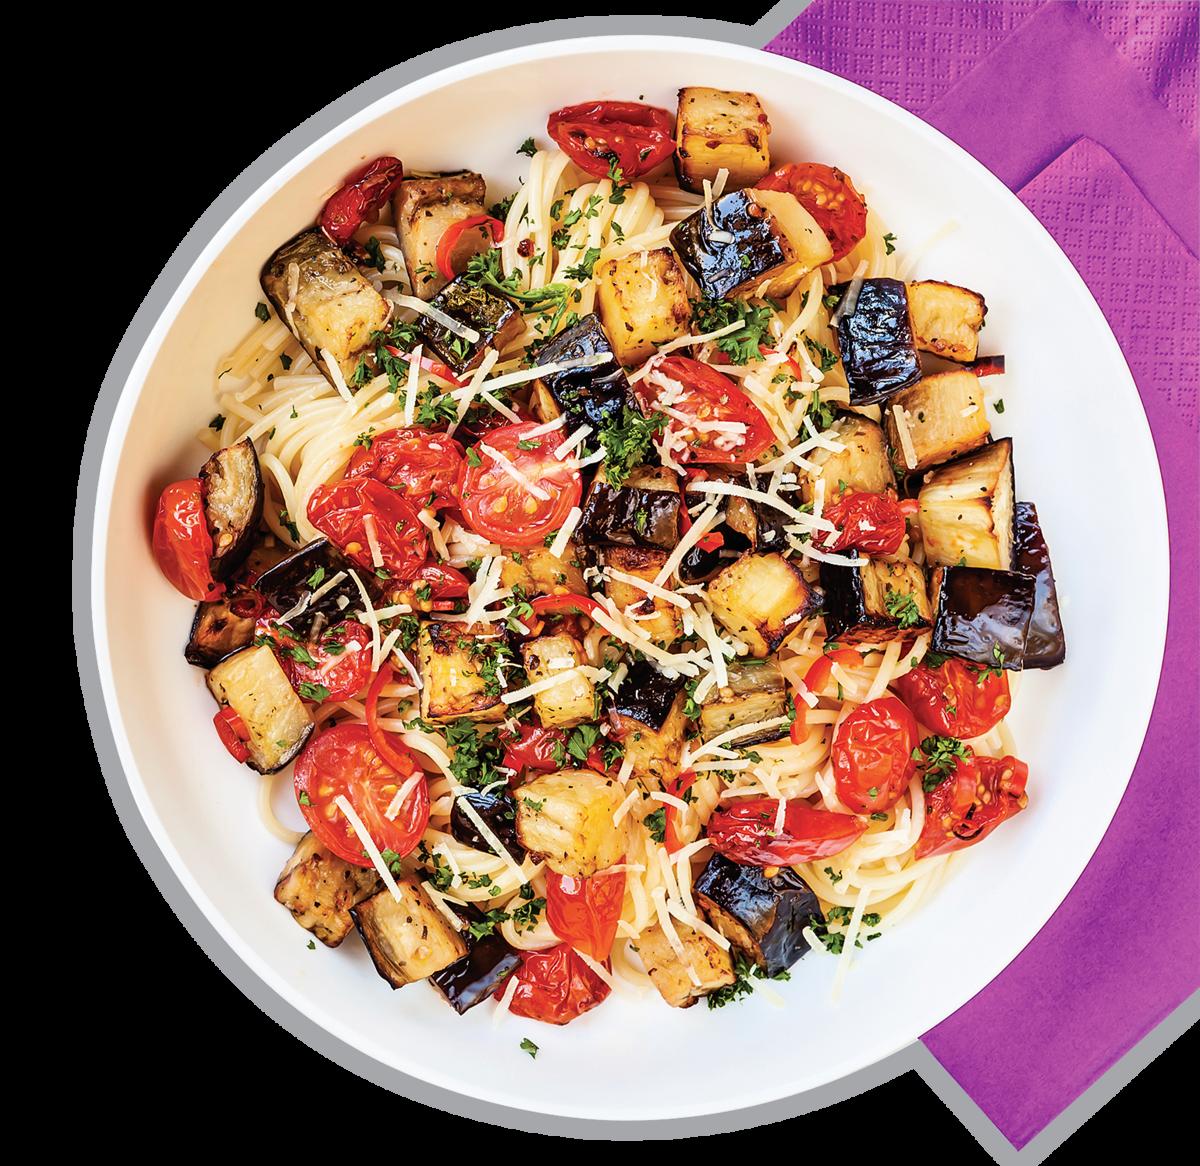 茄子烤過後可以搭配其它食材做成意粉的配料。